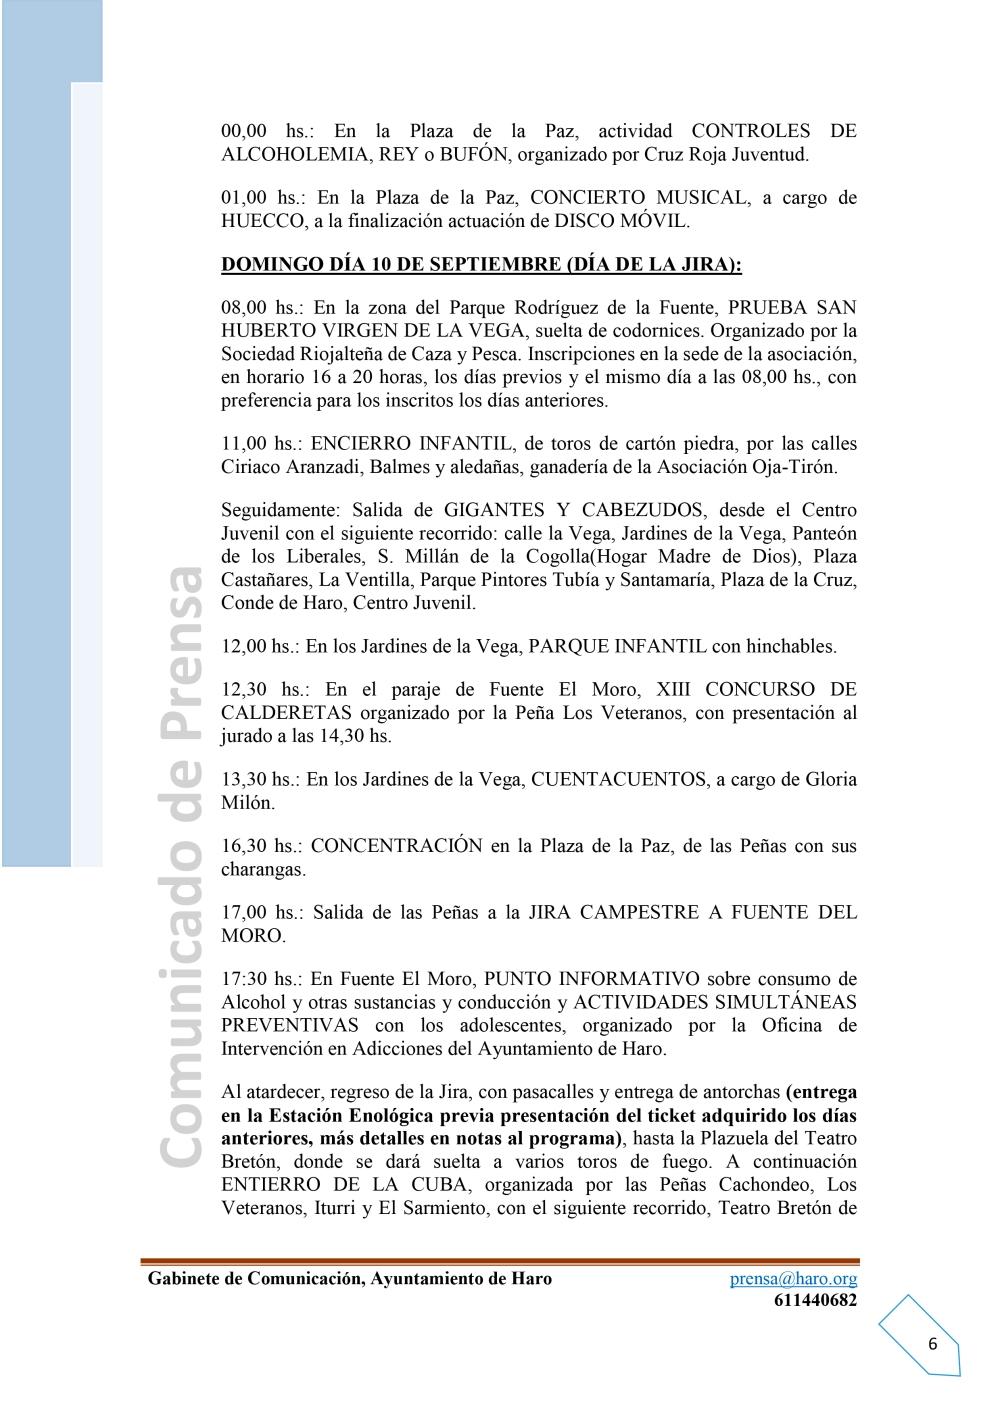 PROGRAMA-DE-FIESTAS-6